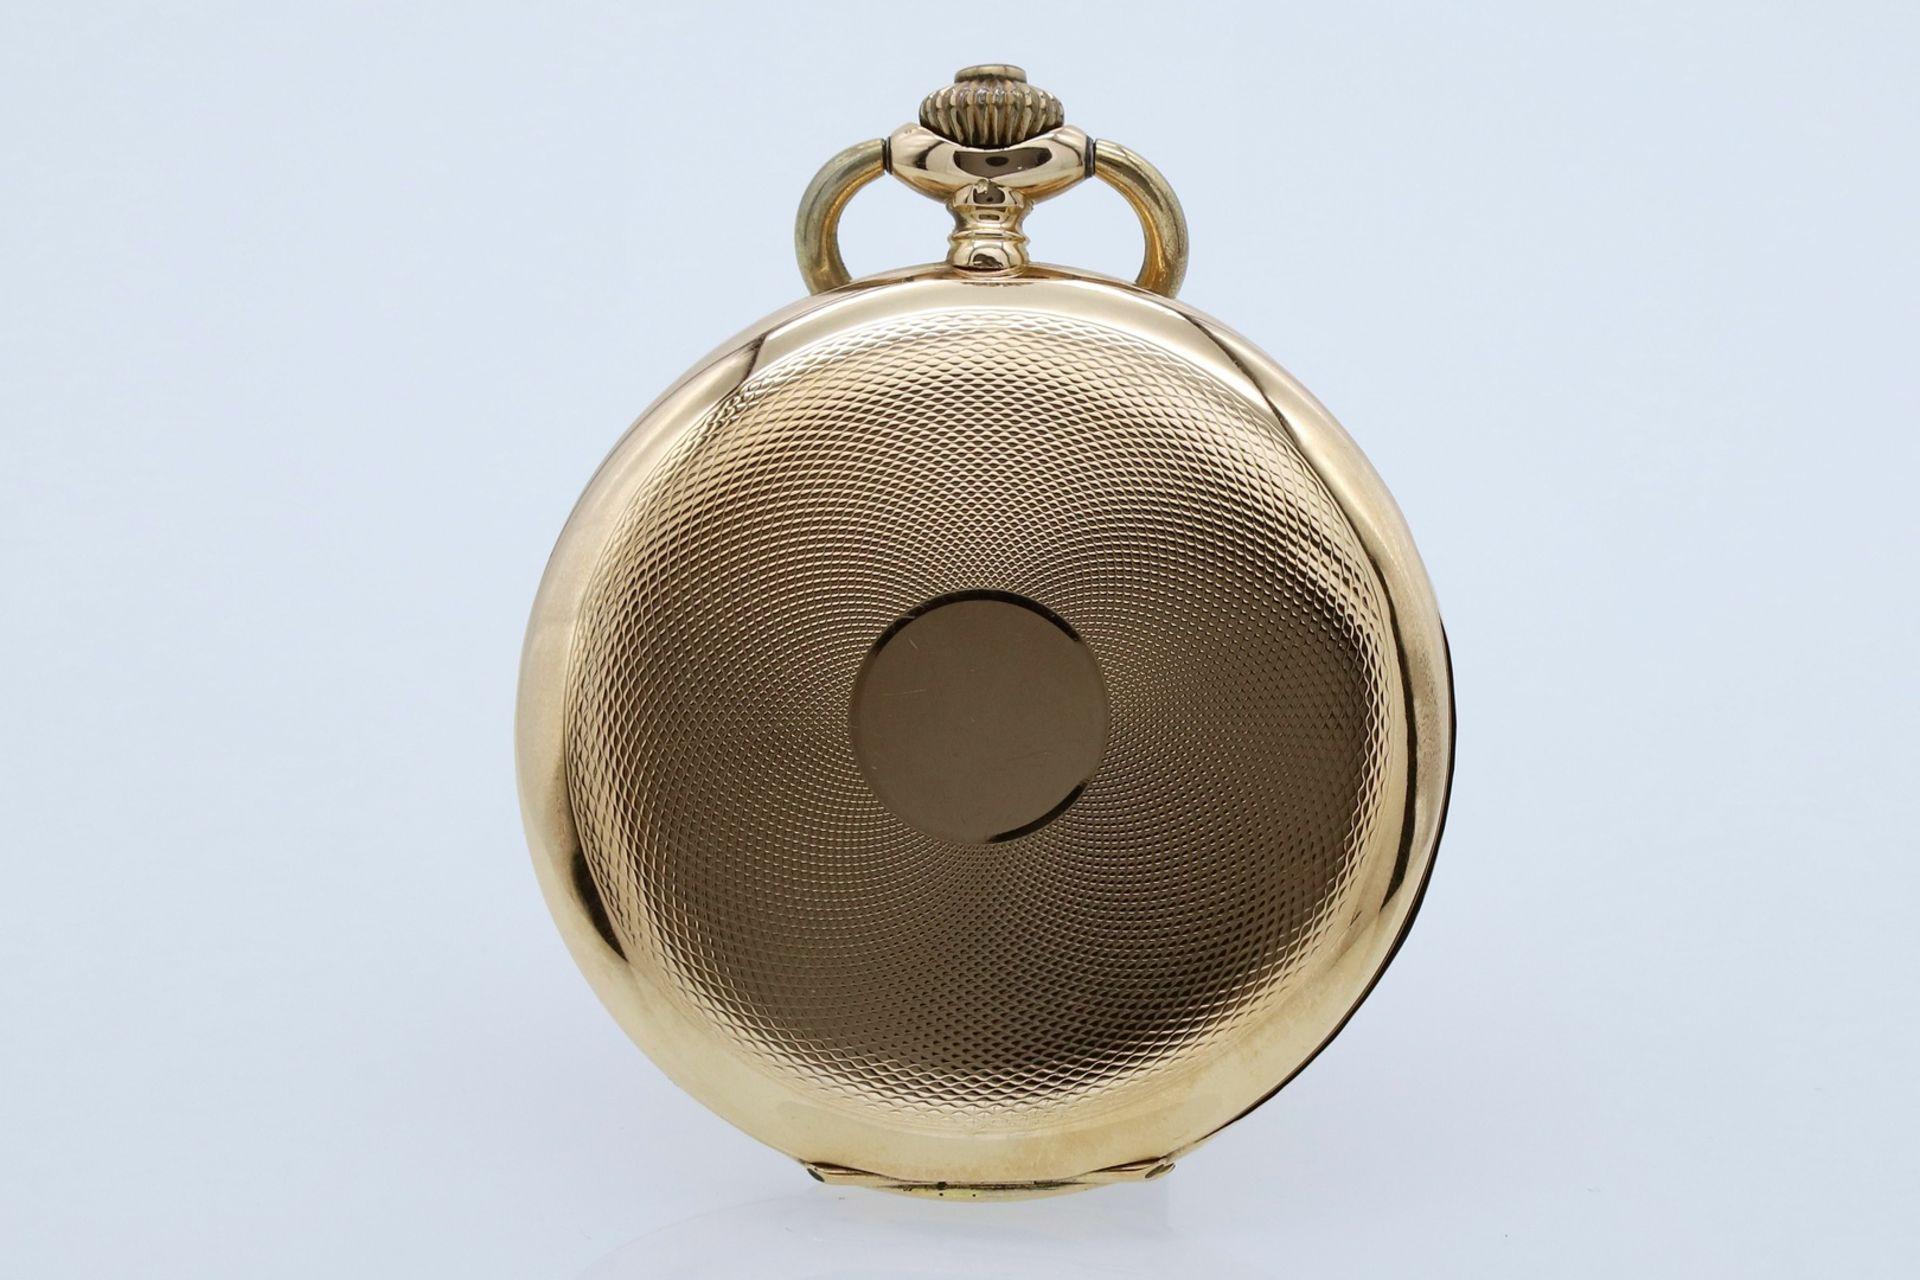 Silvana goldene Savonnette / Taschenuhr, um 1920 - Bild 2 aus 5